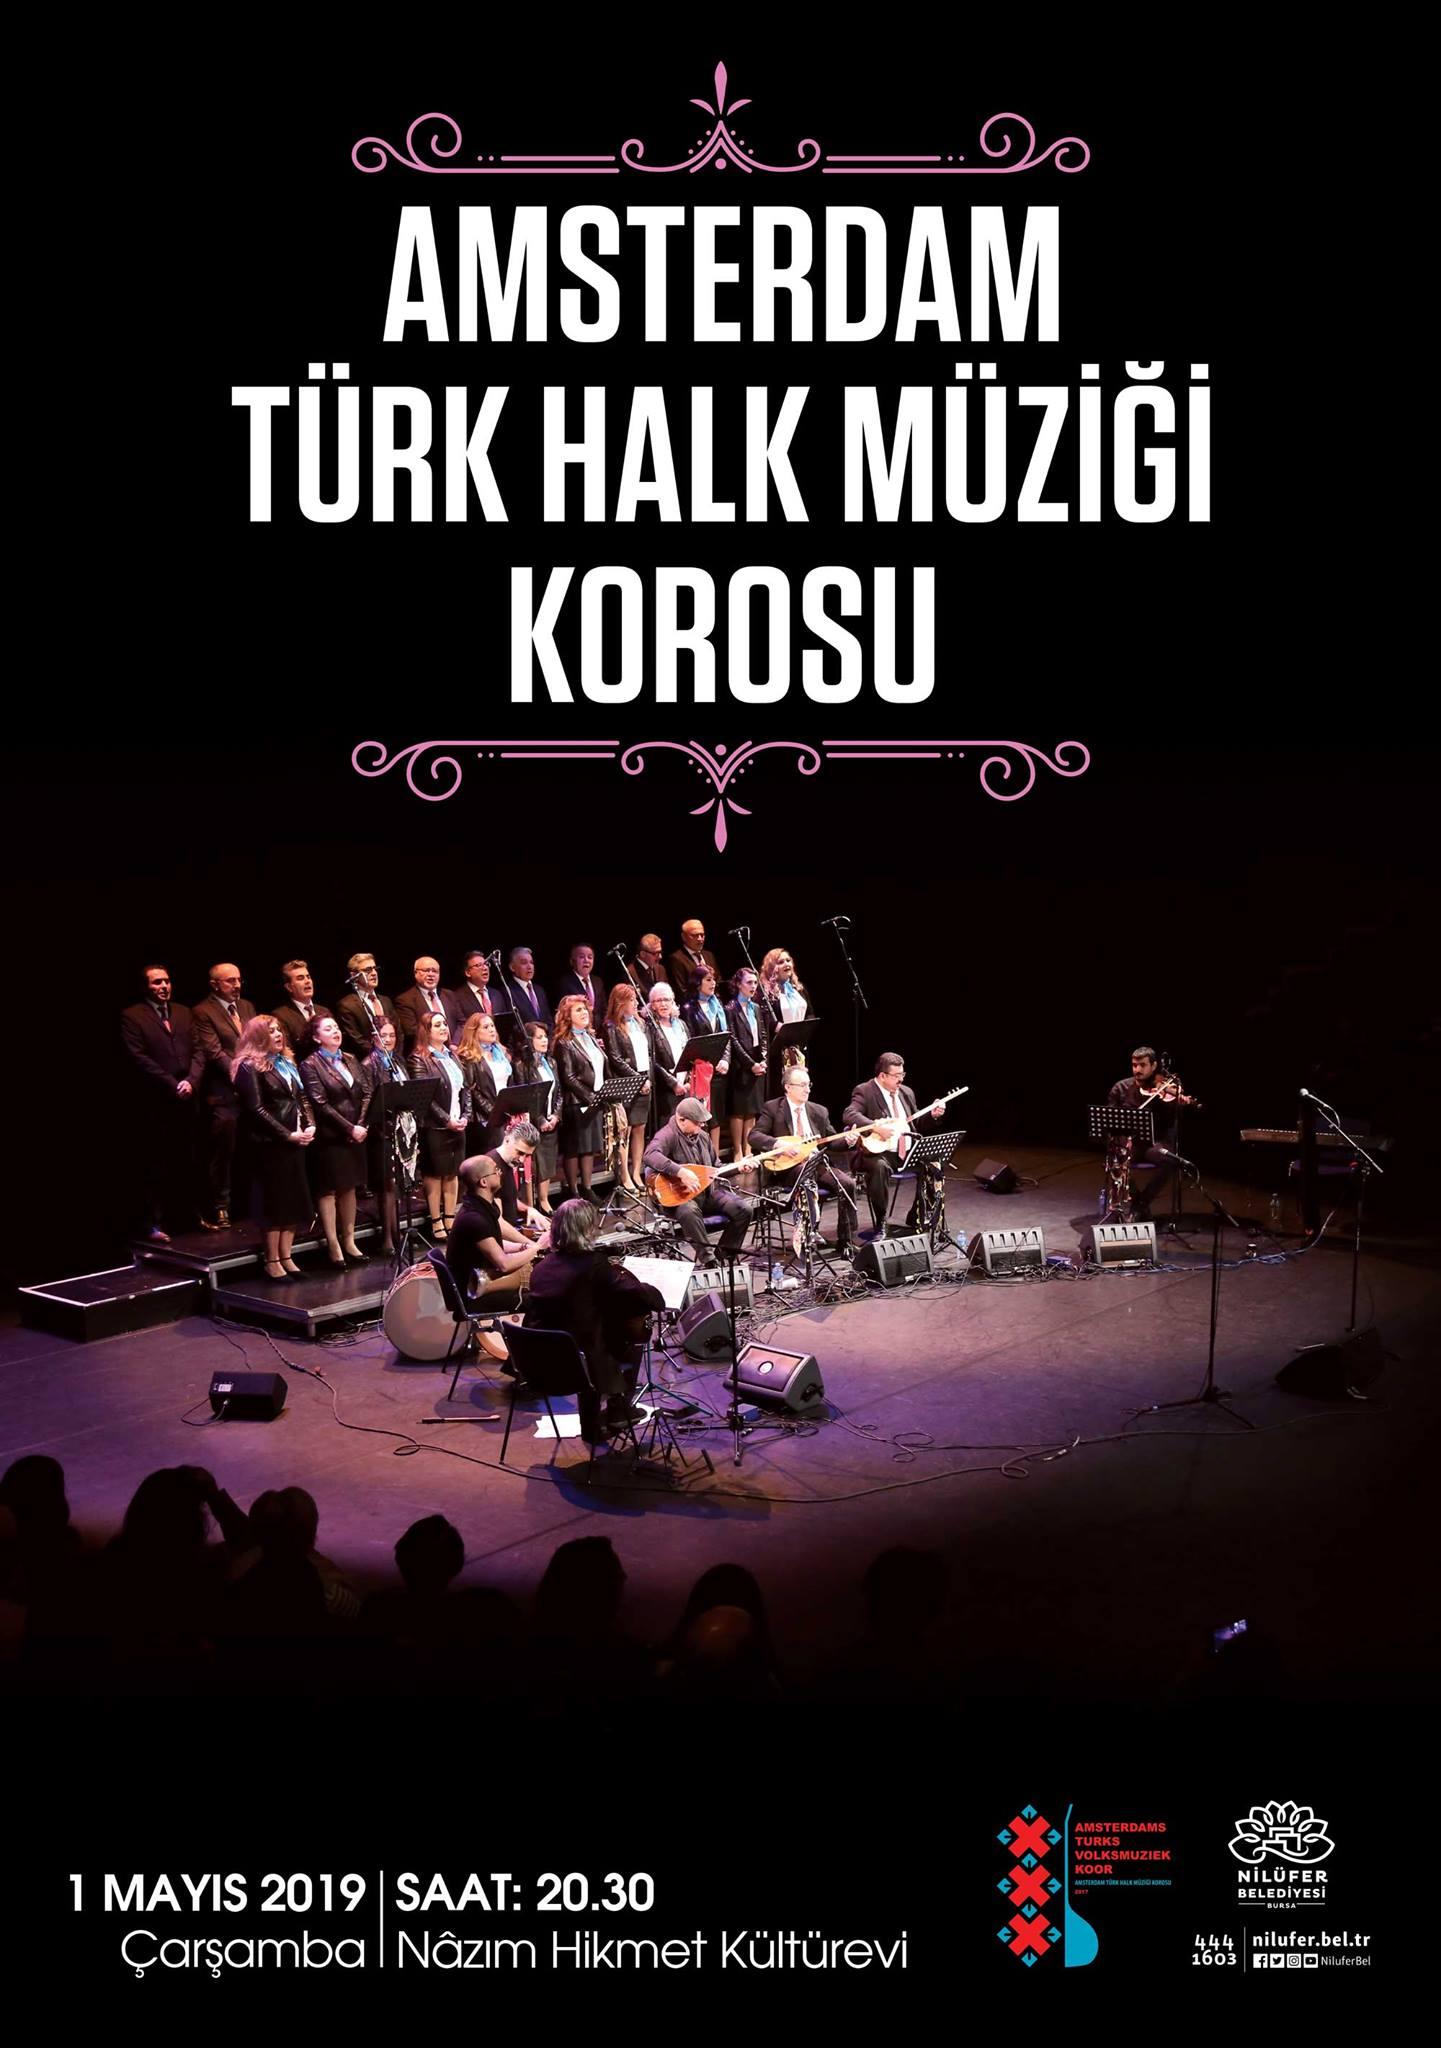 Amsterdam Türk Halk Müziği Korosu Bursa konseri